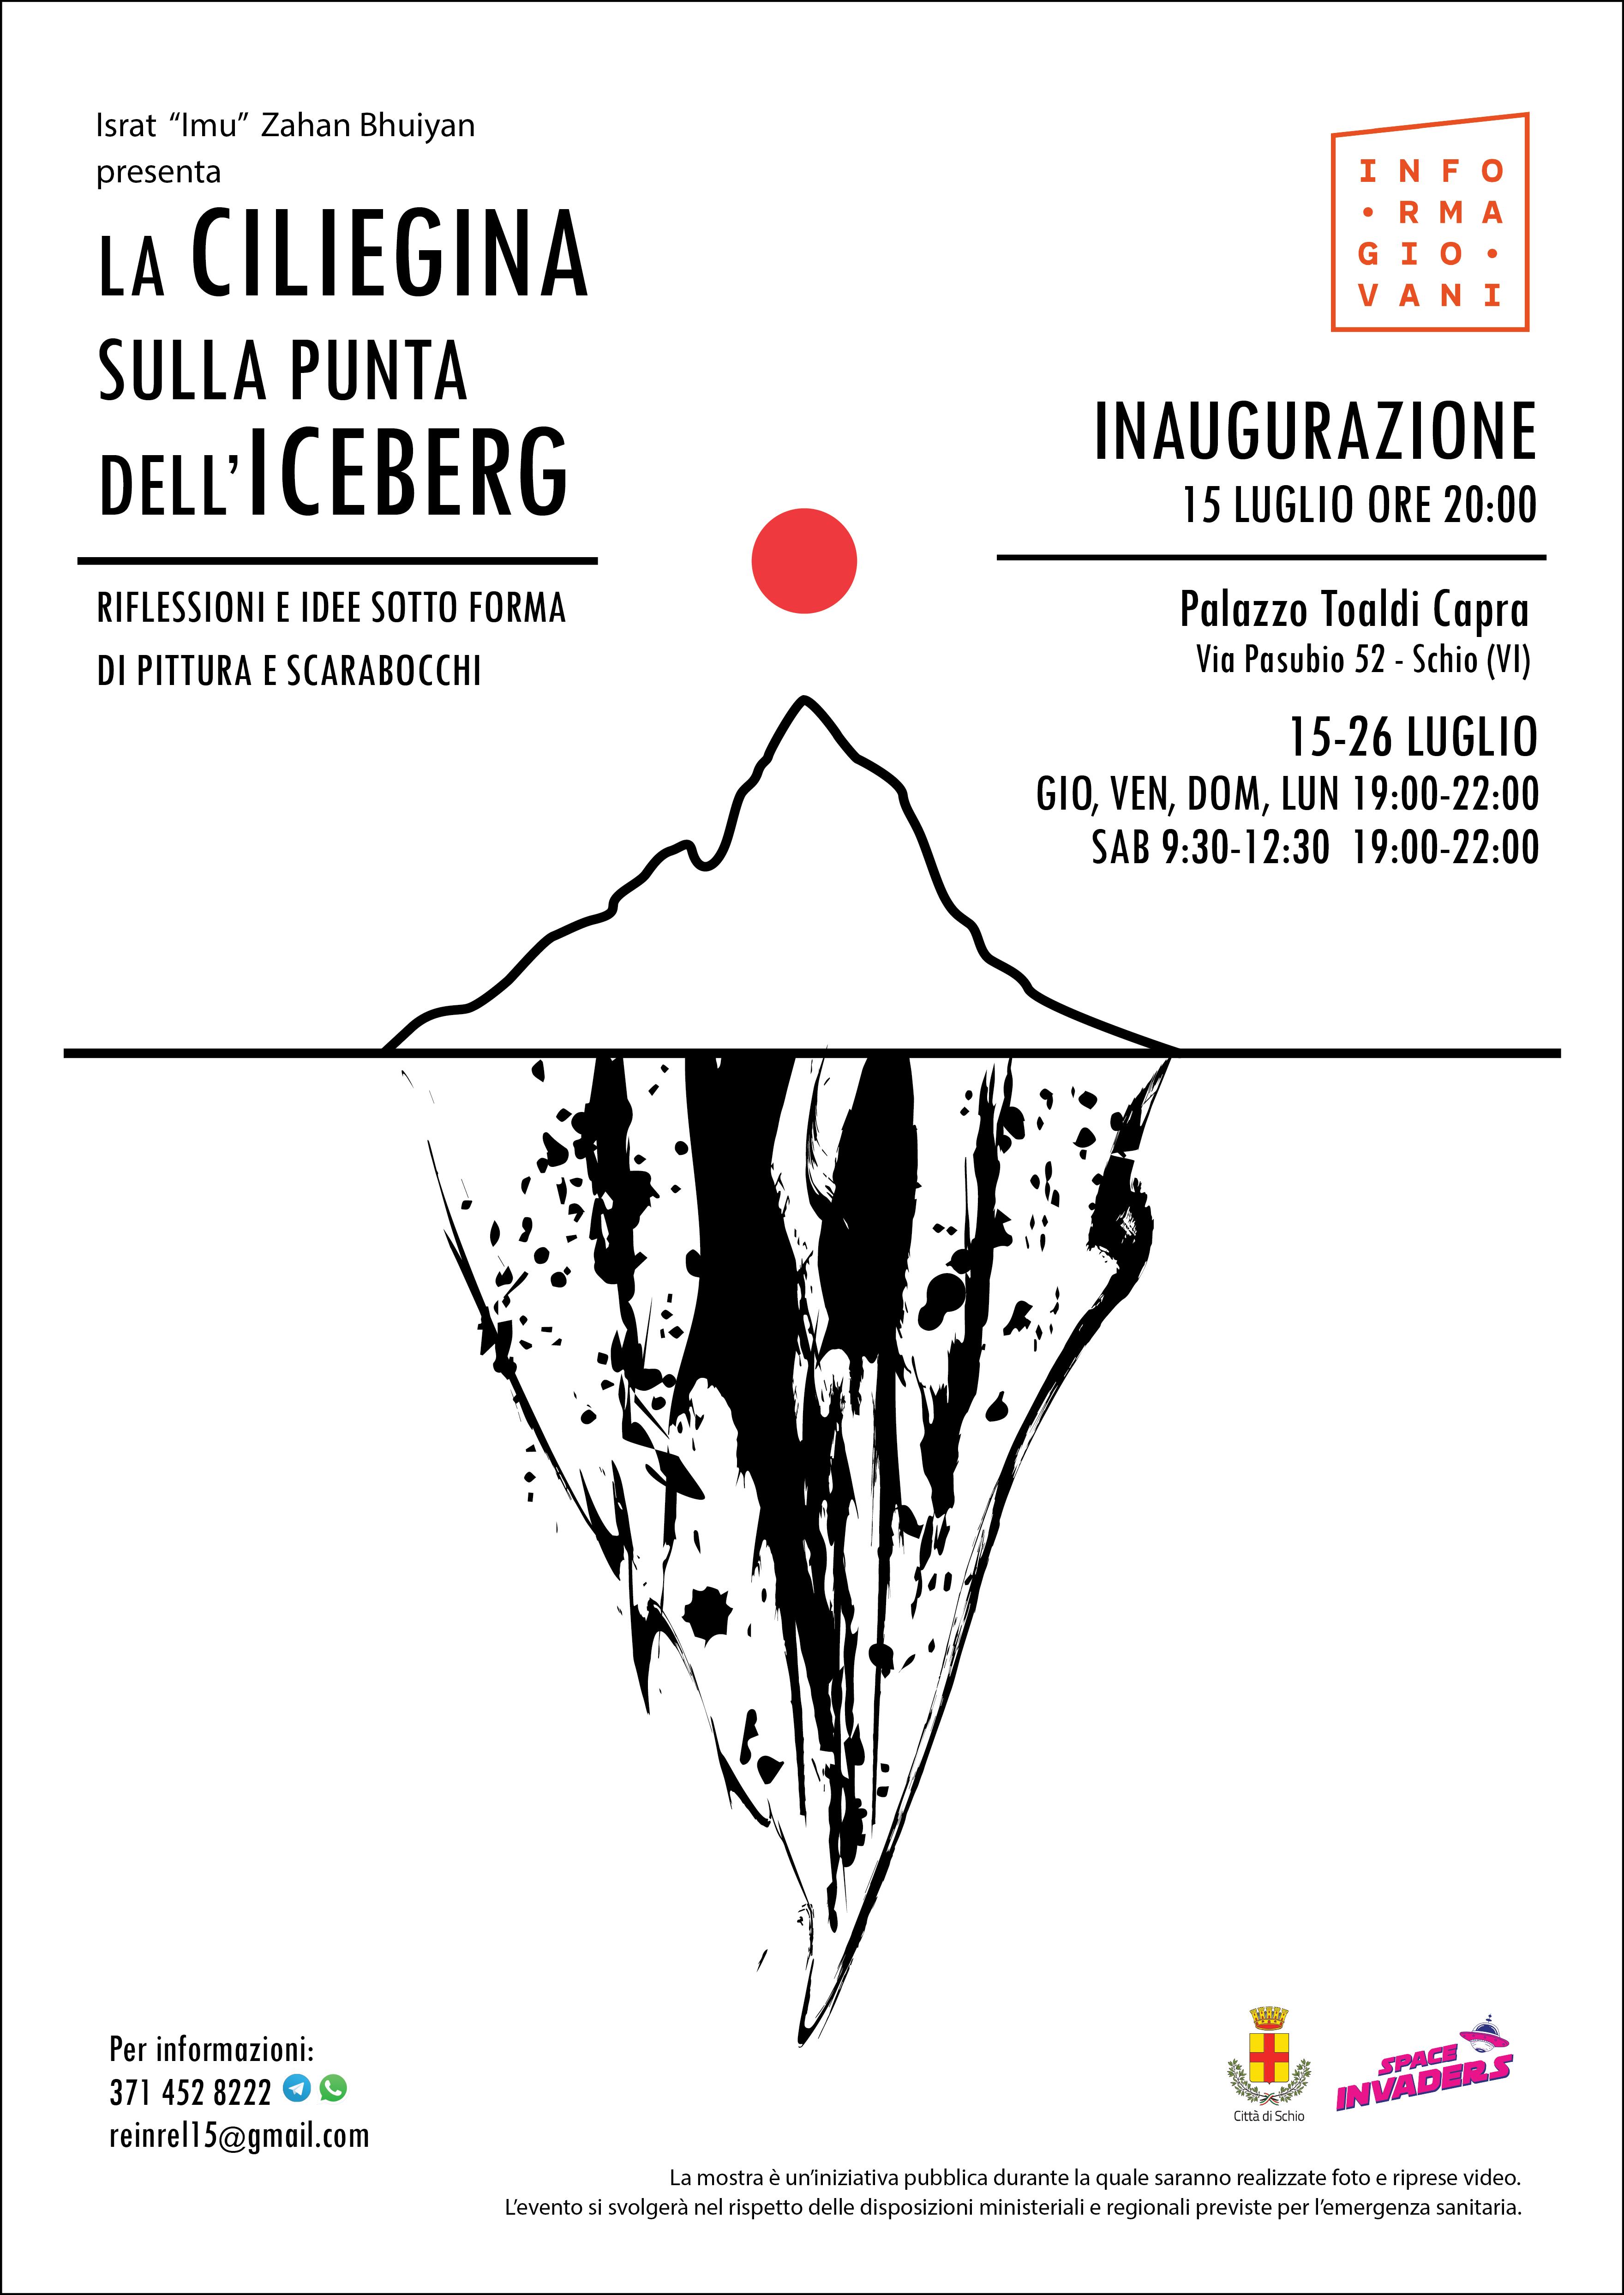 La ciliegina sulla punta dell'iceberg 🍒 – mostra al Palazzo Toaldi Capra